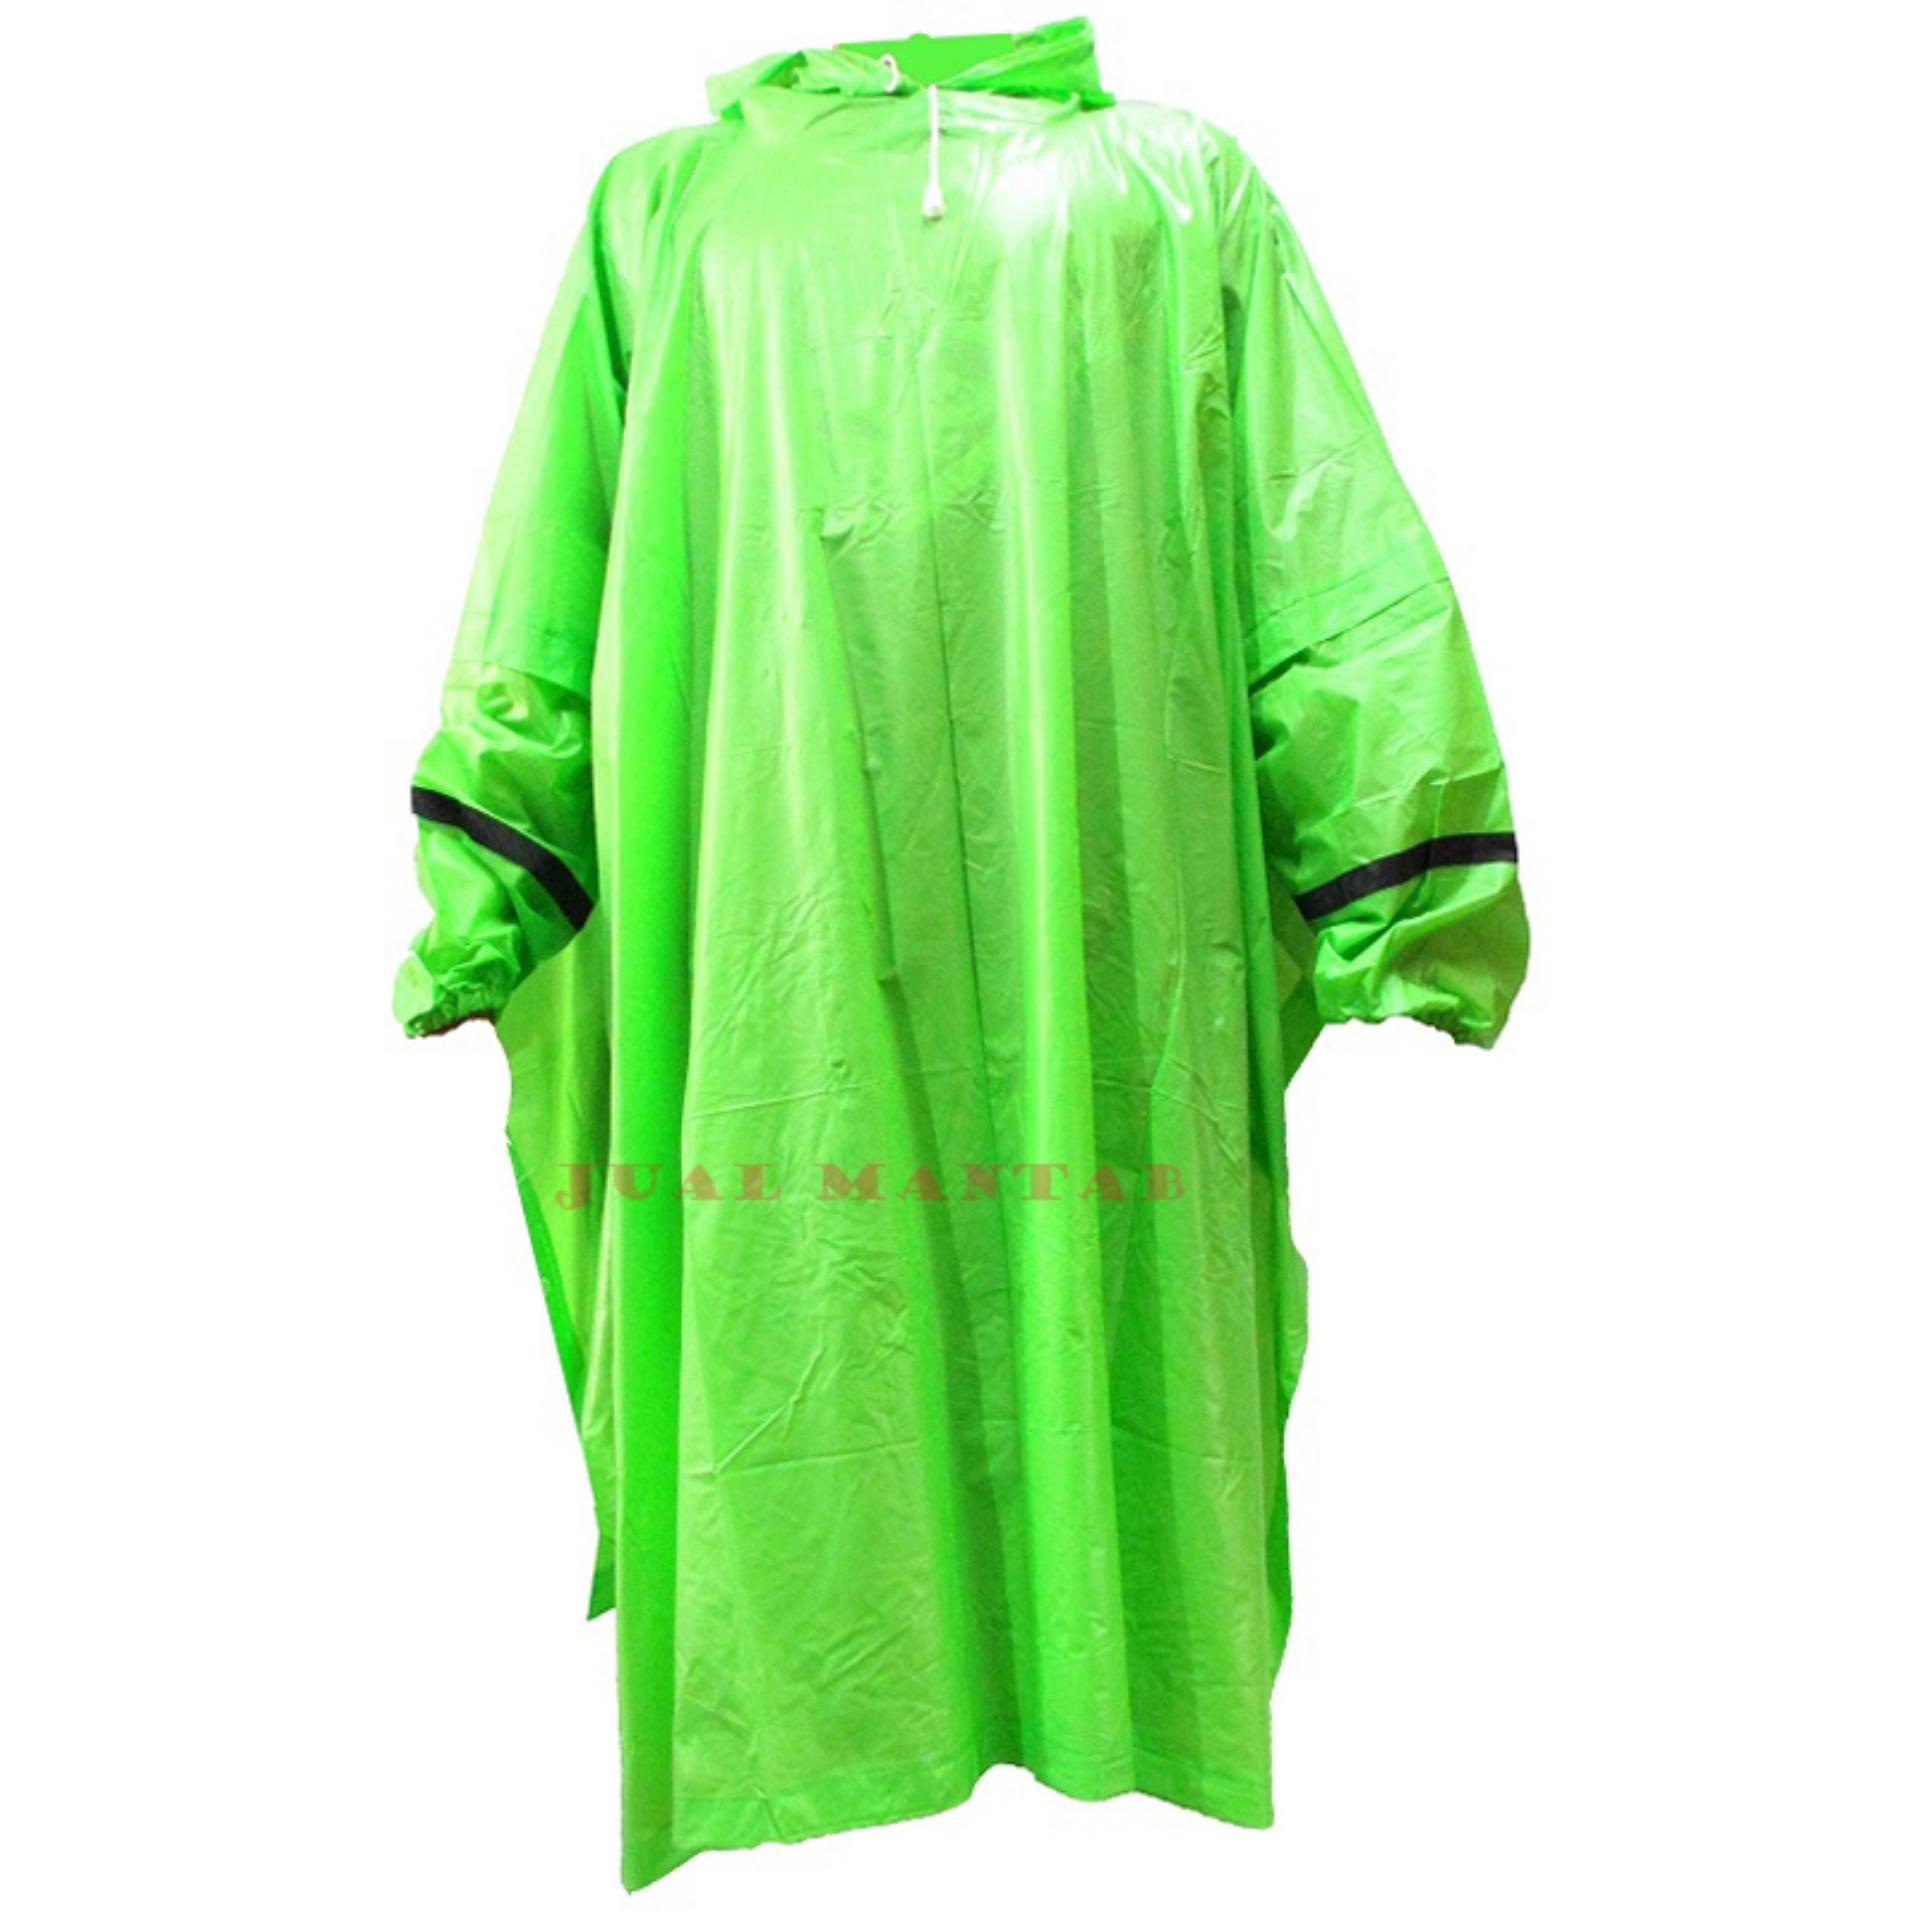 Gajah Raincoat Jas Hujan Motor Ponco Lengan Color - Jas Hujan Poncho Dewasa Pria Wanita Murah